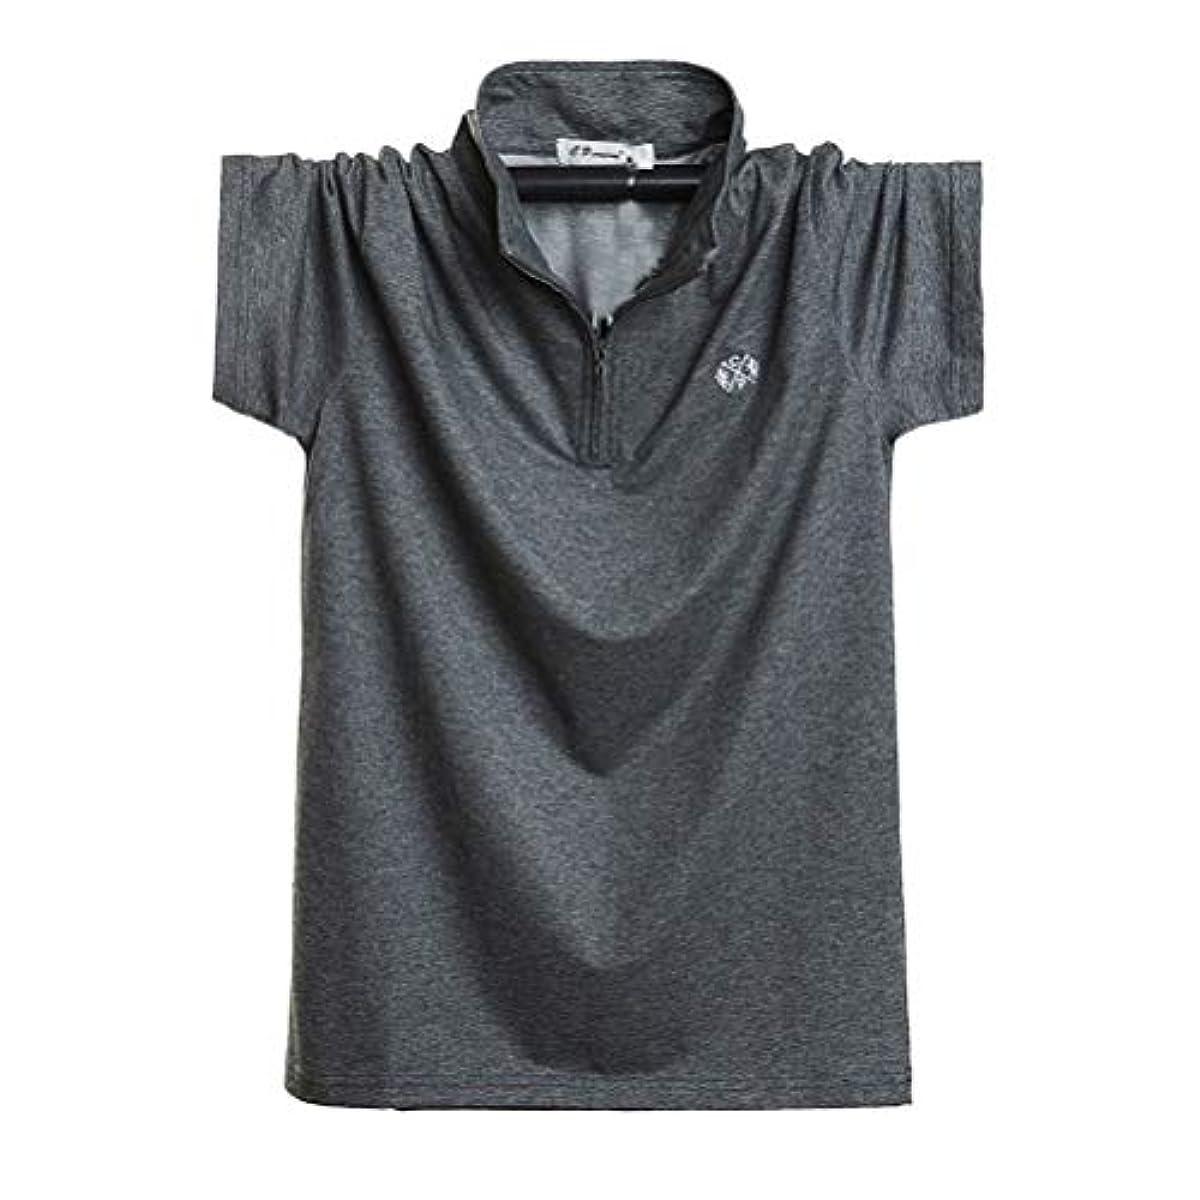 [해외] YIGAR 맨즈 폴로 셔츠 반소매 긴 소매 T셔츠 맨즈 골프 셔츠 큰 사이즈 캐주얼 심플 금부착 패션 스포츠 멋있 실내복 쾌적 흡한 속건하 다색선택 M~6XL 8899